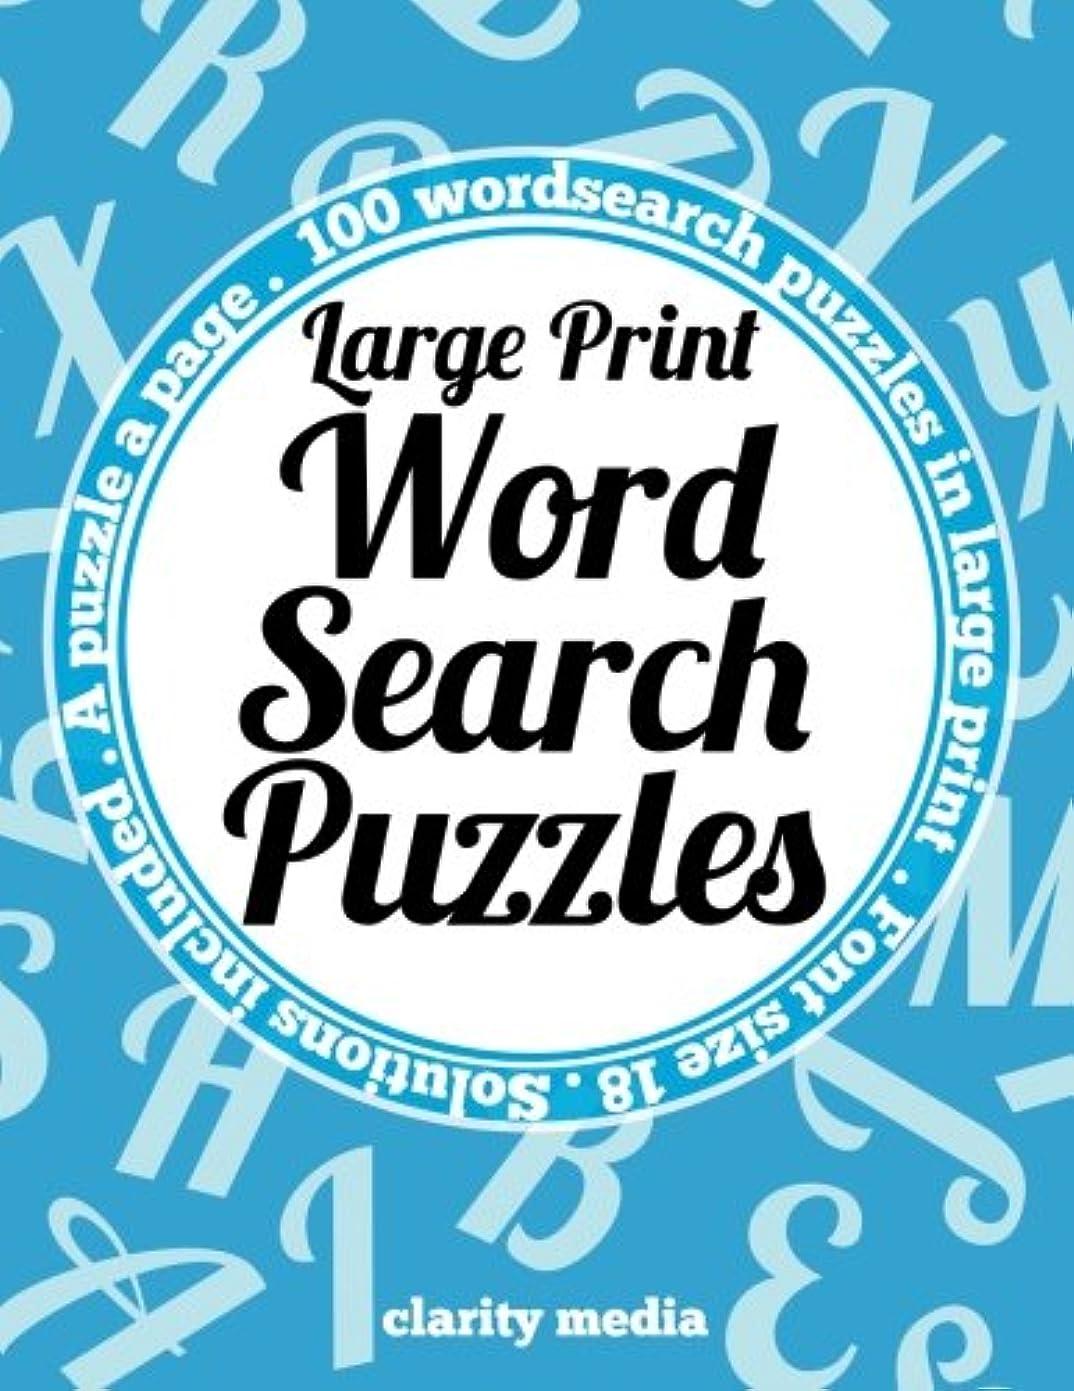 蜂無駄だ犬Large Print Wordsearch Puzzles: A book of 100 wordsearch puzzles in large print with solutions